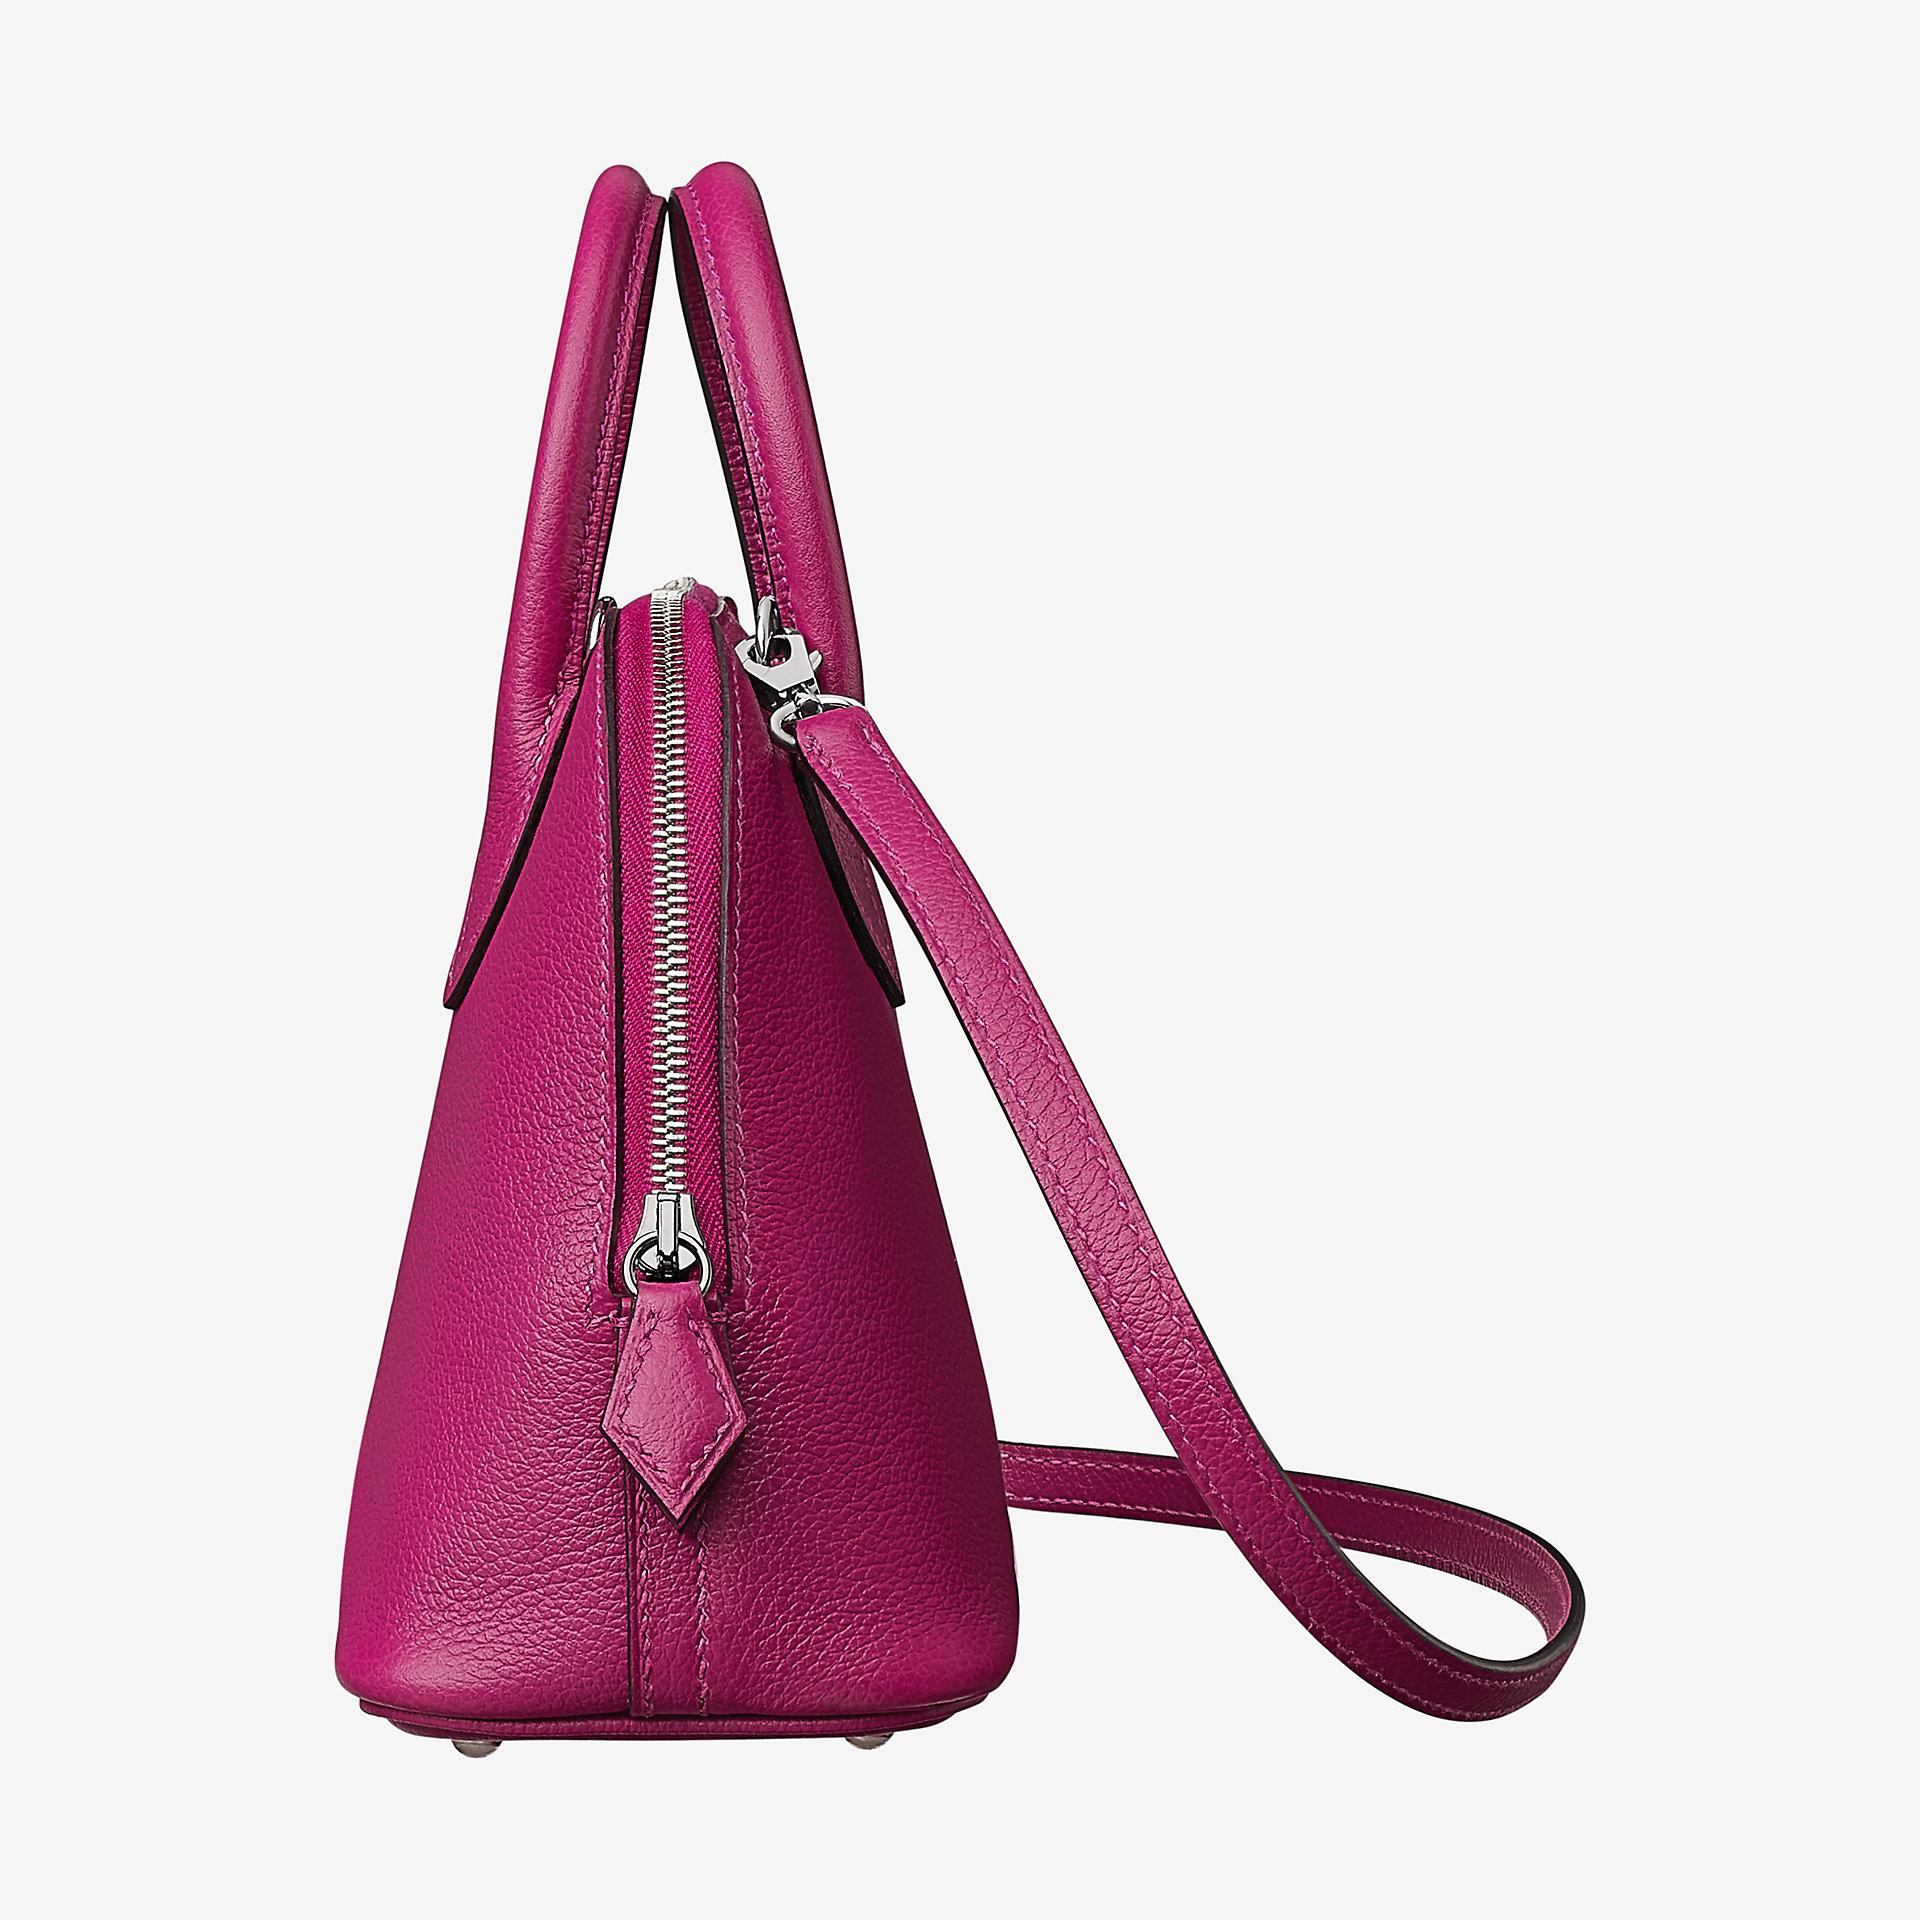 香港深水埗區 Hermes Bolide 1923 mini bag L3 rose pourpre Evercolor